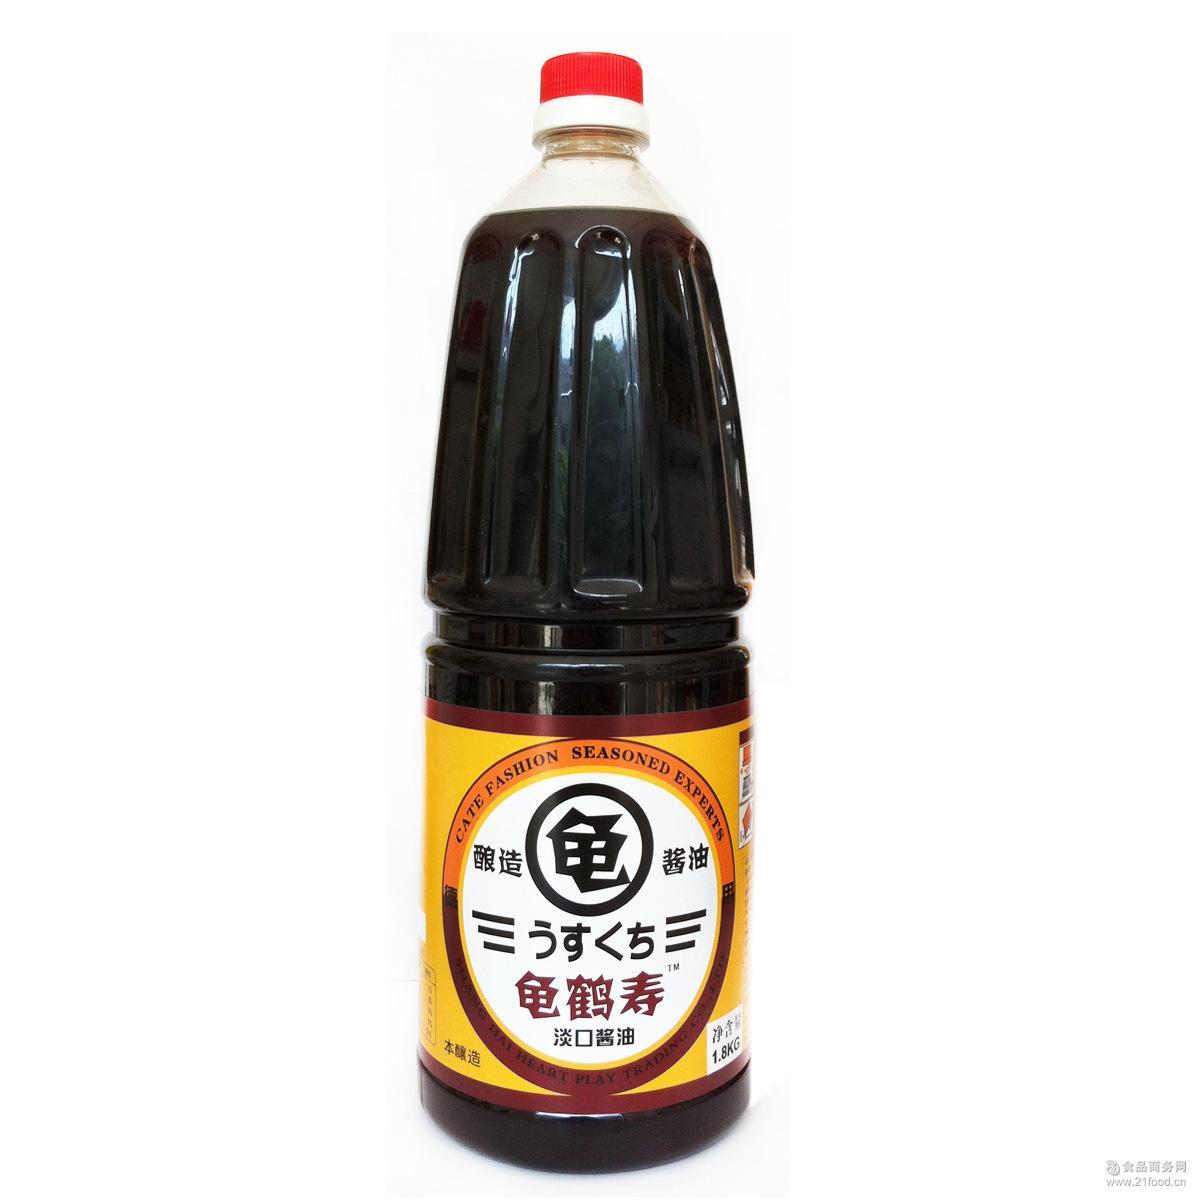 日本日式调理酱油 日本料理蘸料 料理调料 龟鹤寿淡口酱油1.8L